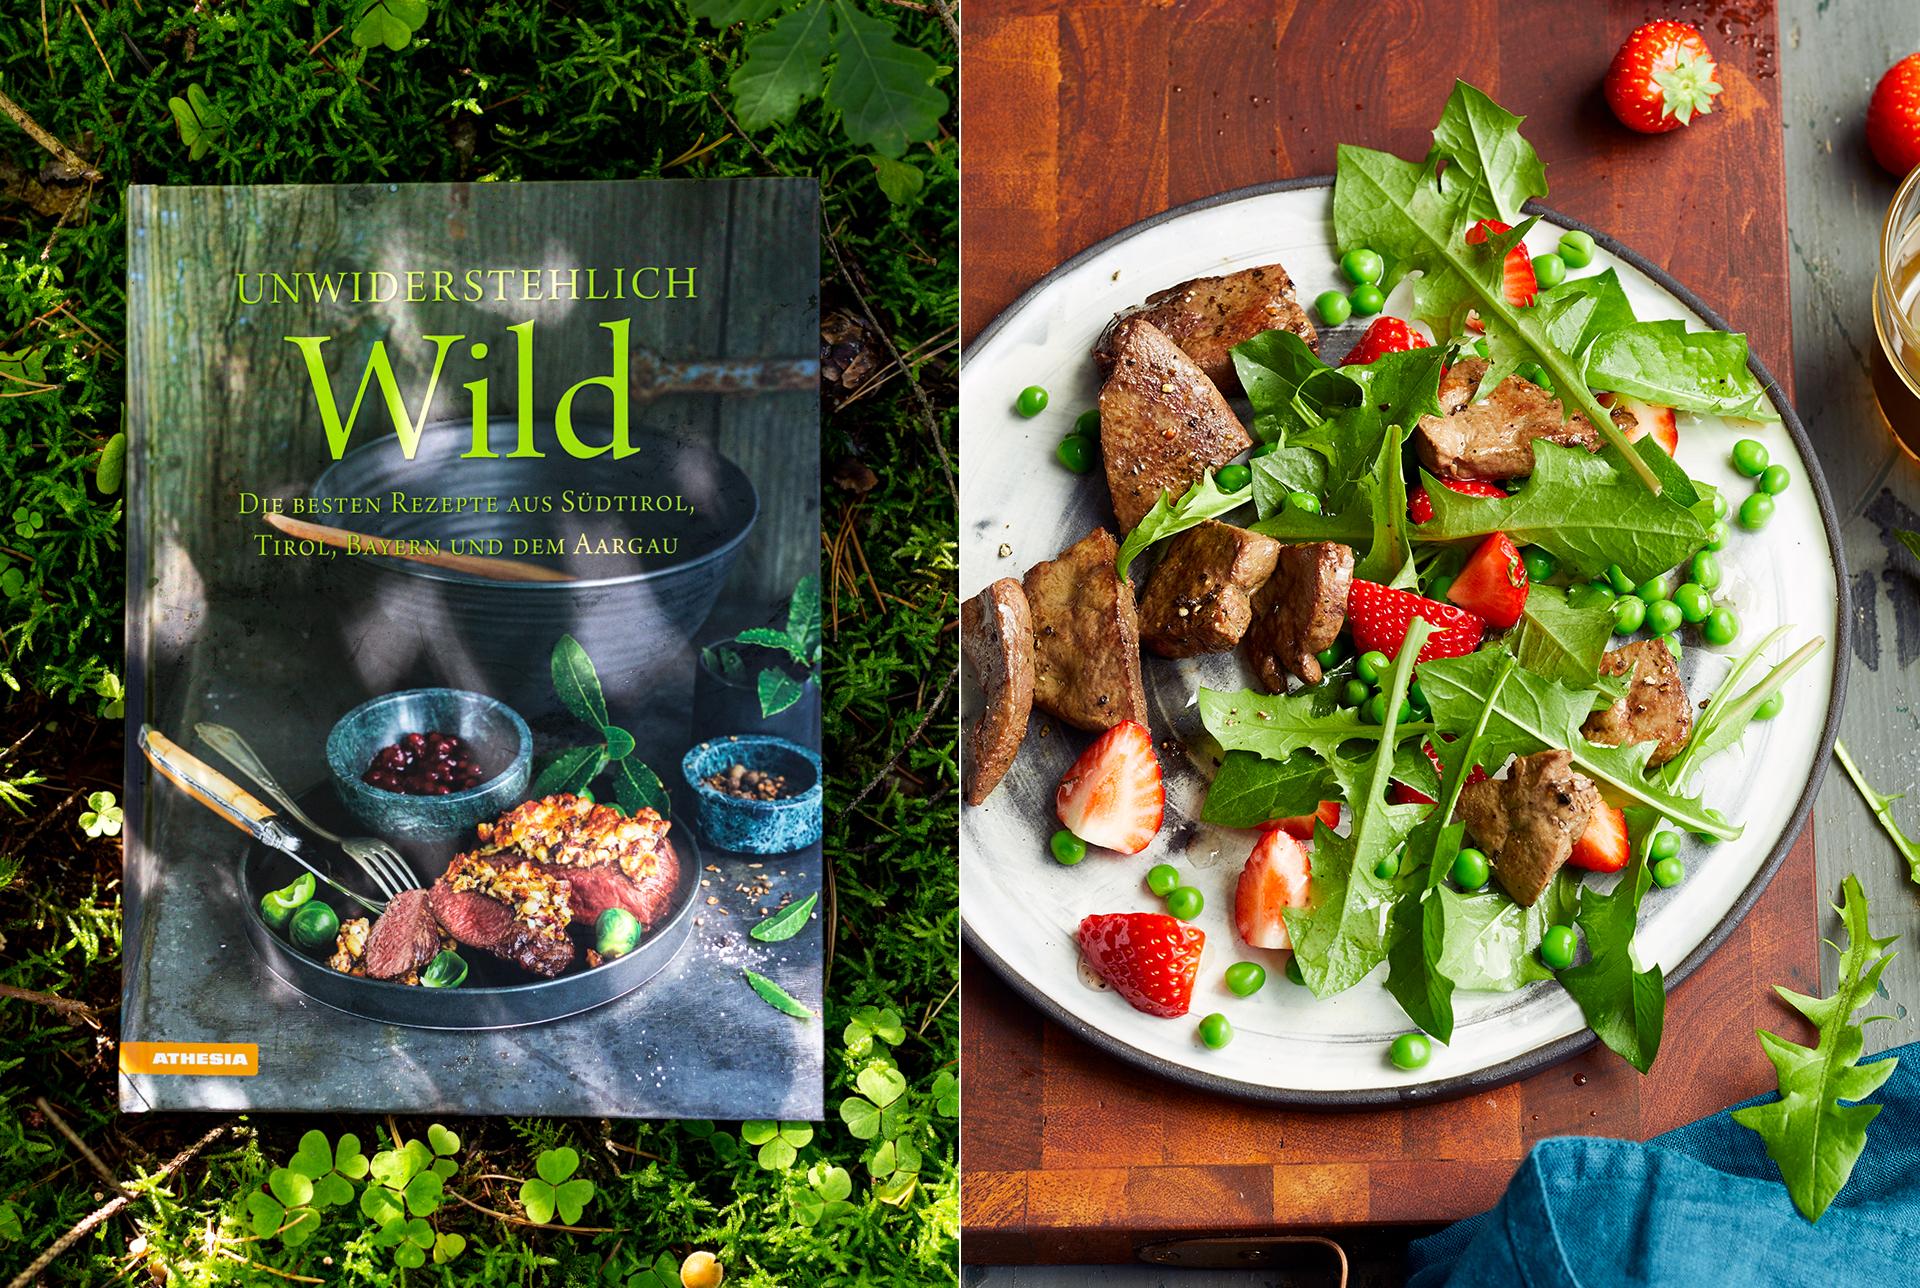 Wildkochbuch Athesia Verlag Unwiderstehlich Wild Foodfotografie Foodstyling Muenchen Katrin Winner